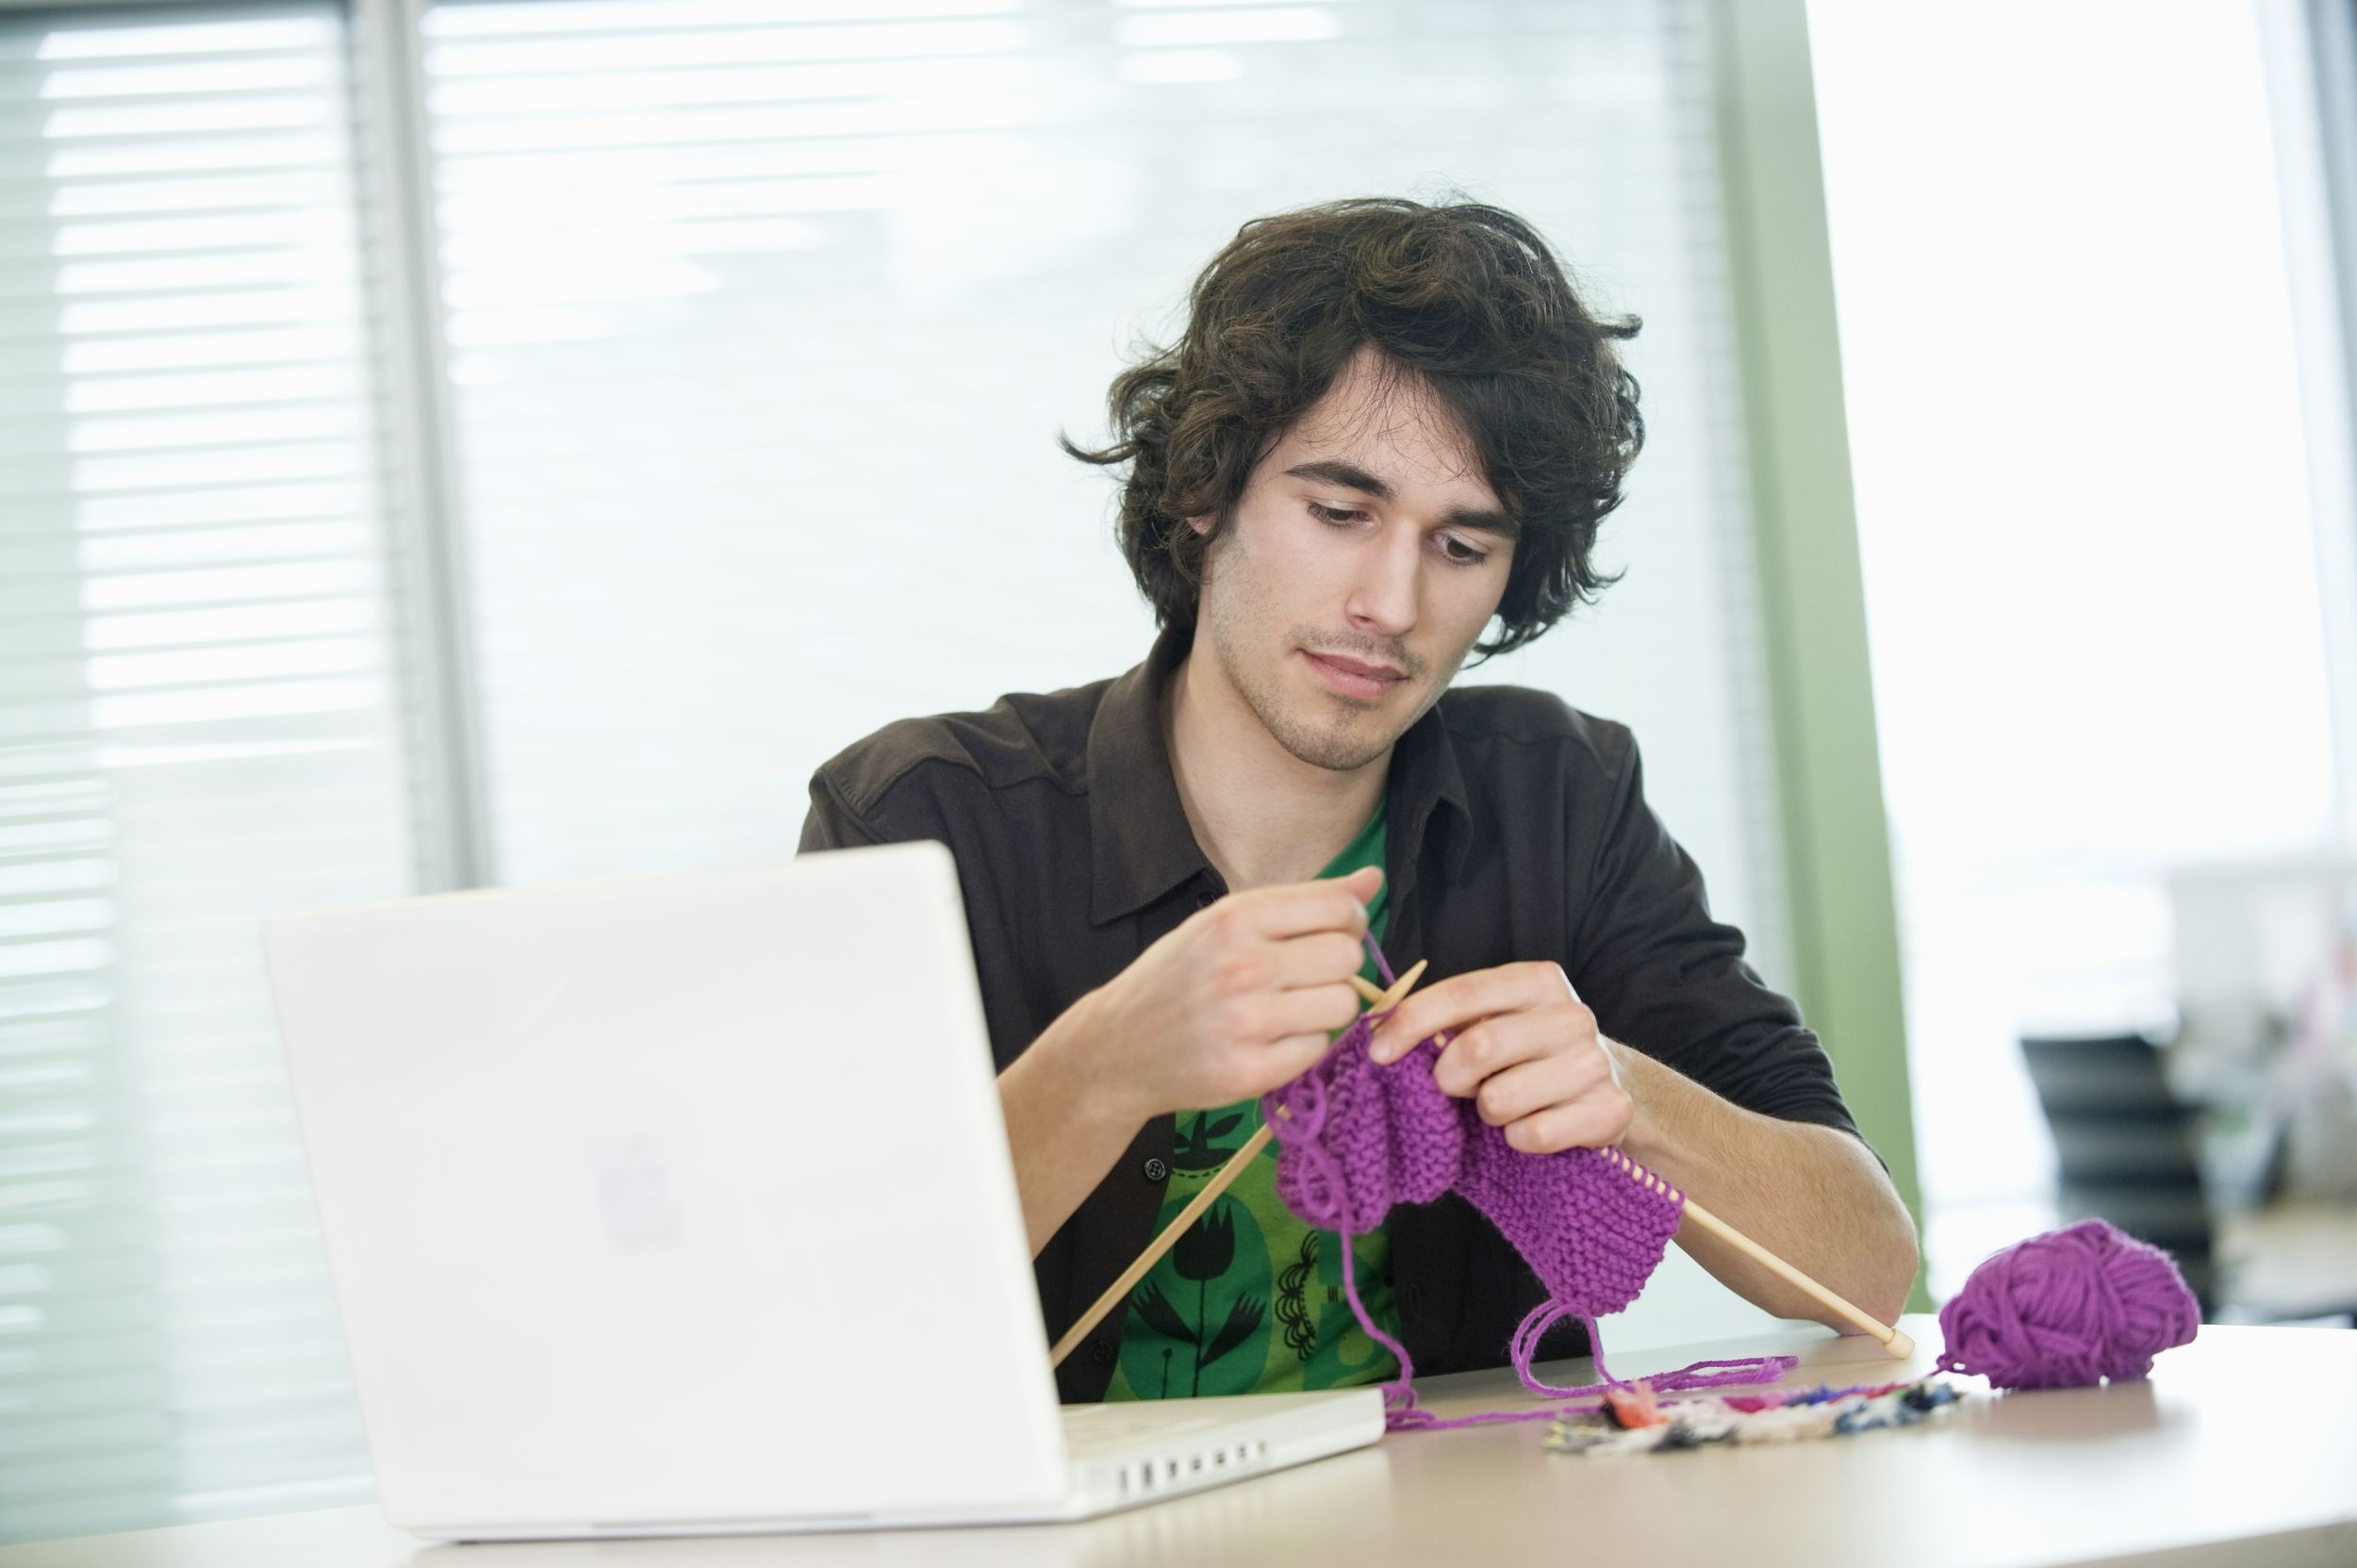 You could pick up odd jobs via websites like TaskRabbit.com, DoMyStuff.com, Elance.com, FreelanceSwitch.com or Sitters.com. via @AOL_Lifestyle Read more: http://www.aol.com/photos/8-foolproof-ways-to-grow-your-savings/?a_dgi=aolshare_pinterest#fullscreen